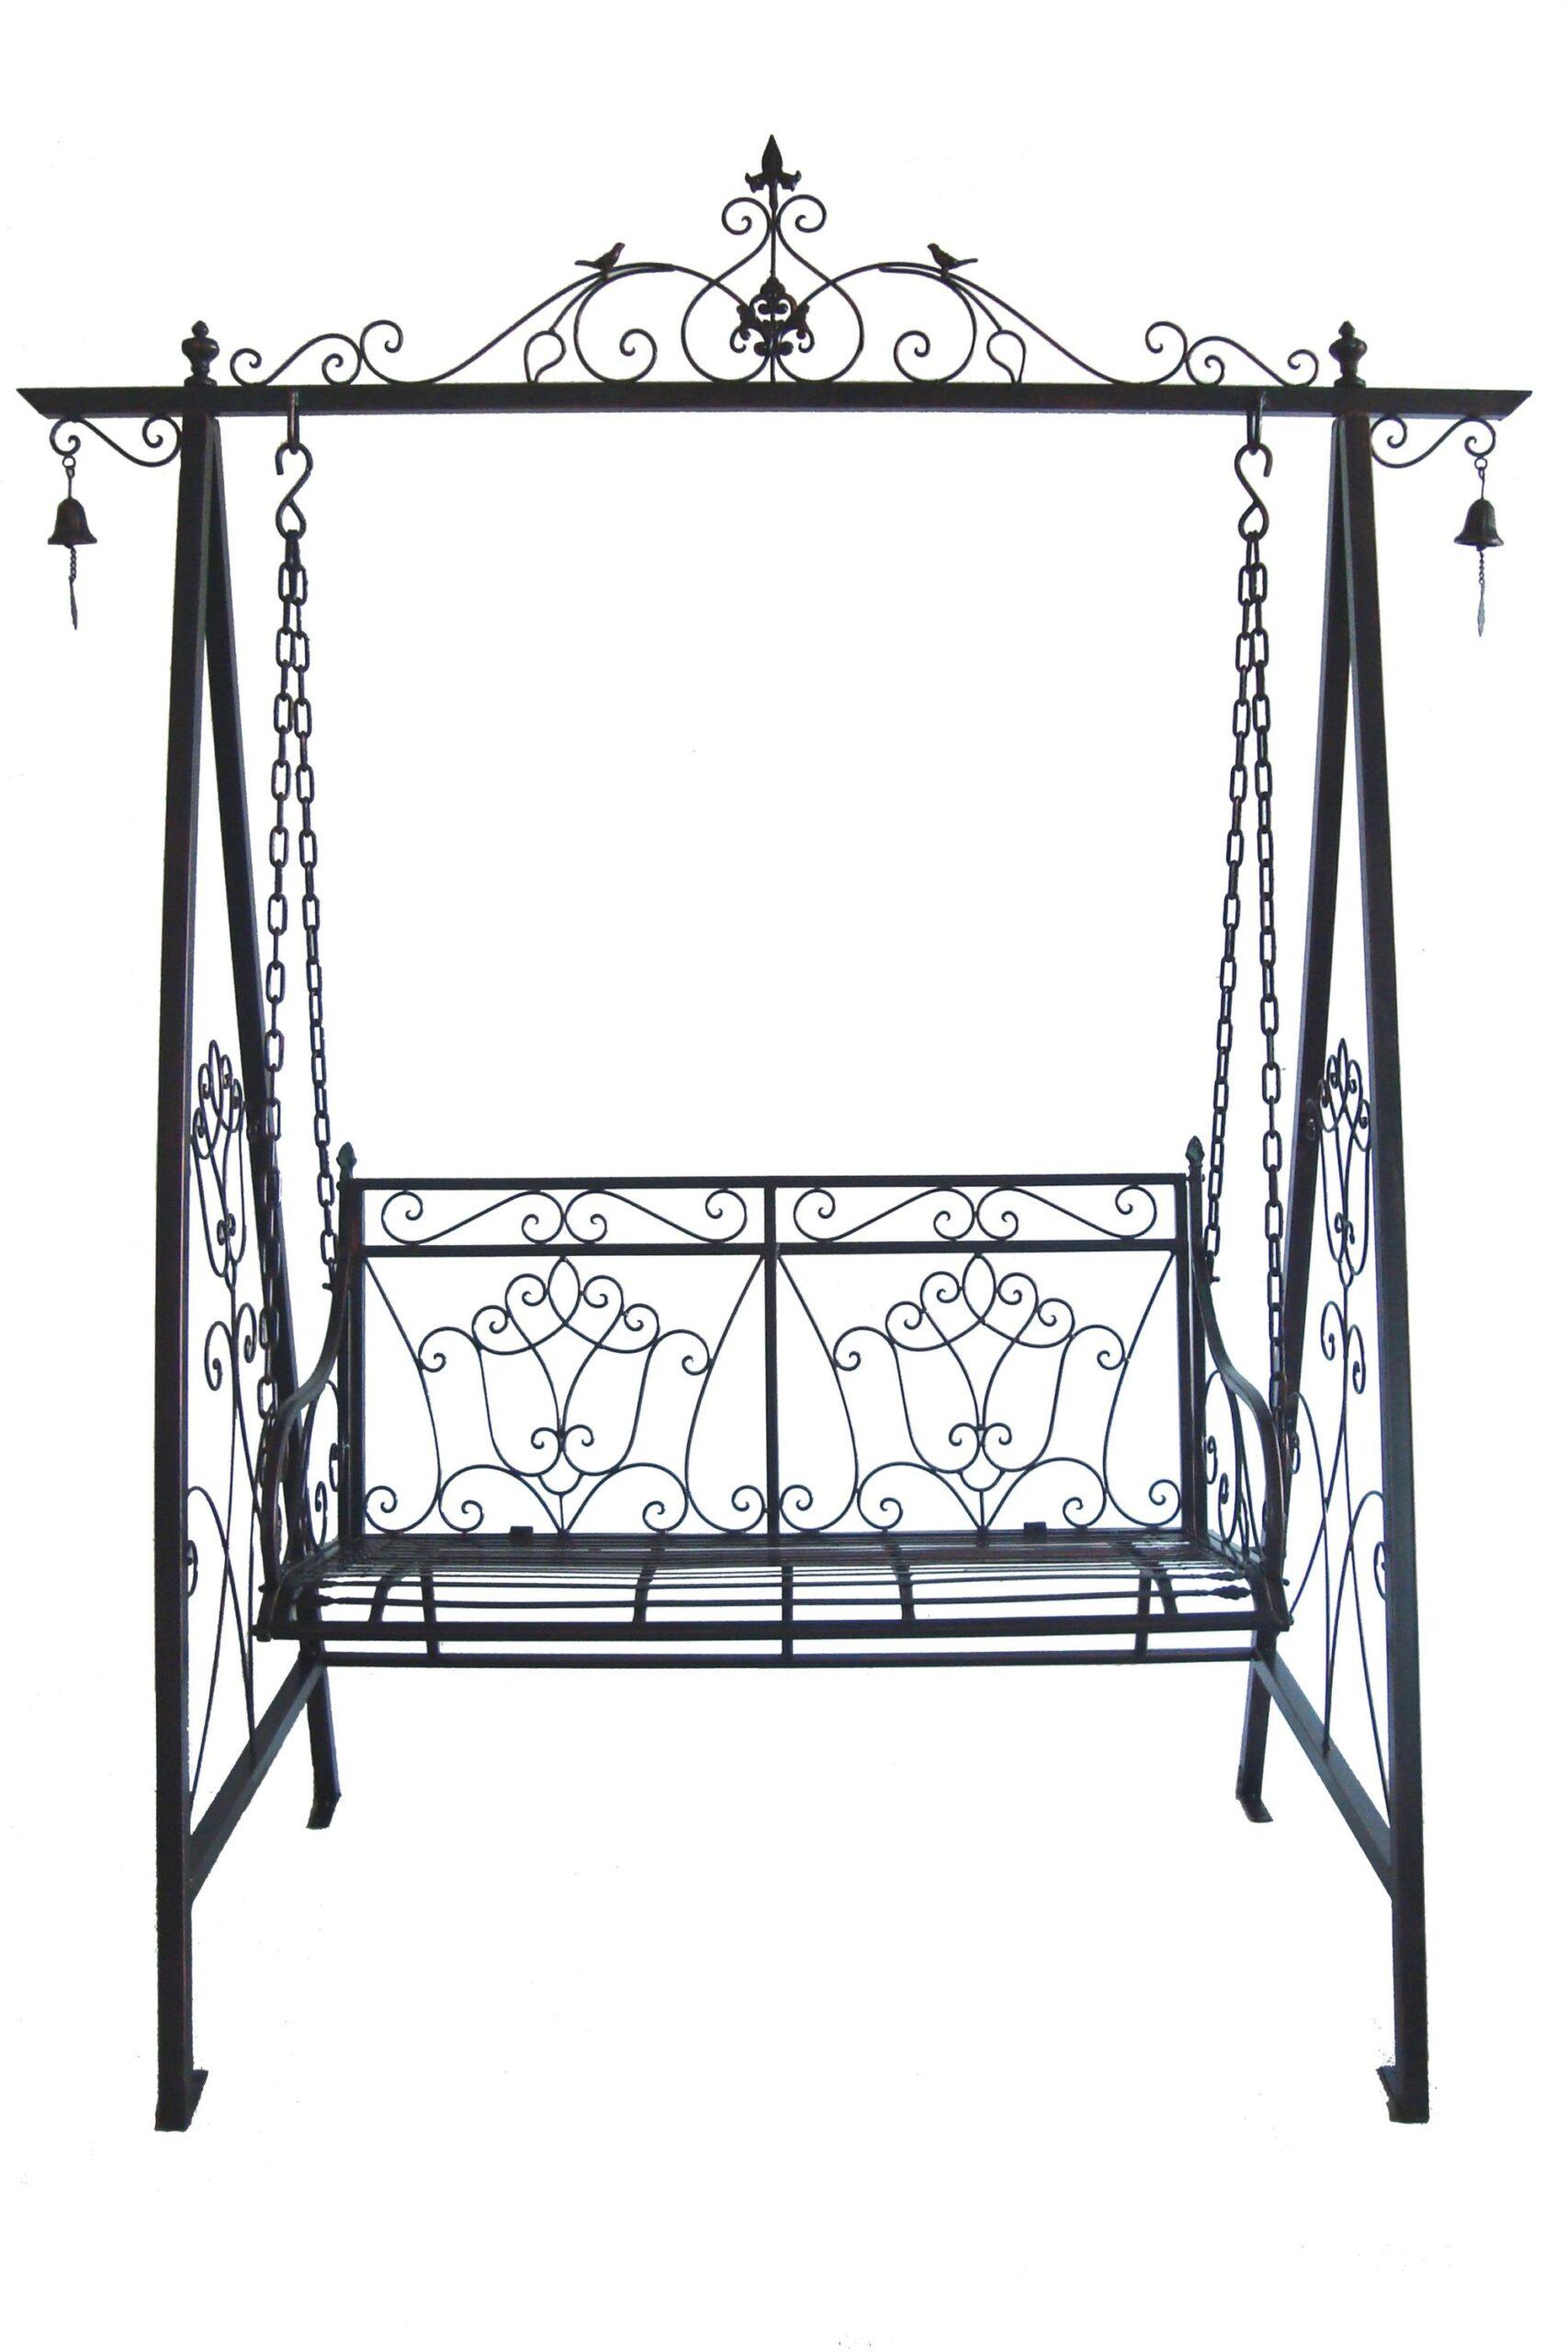 Full Size of Metall Hollywoodschaukel Schaukel Gartenschaukel Antik Vintage Bett Regale Regal Weiß Wohnzimmer Gartenschaukel Metall